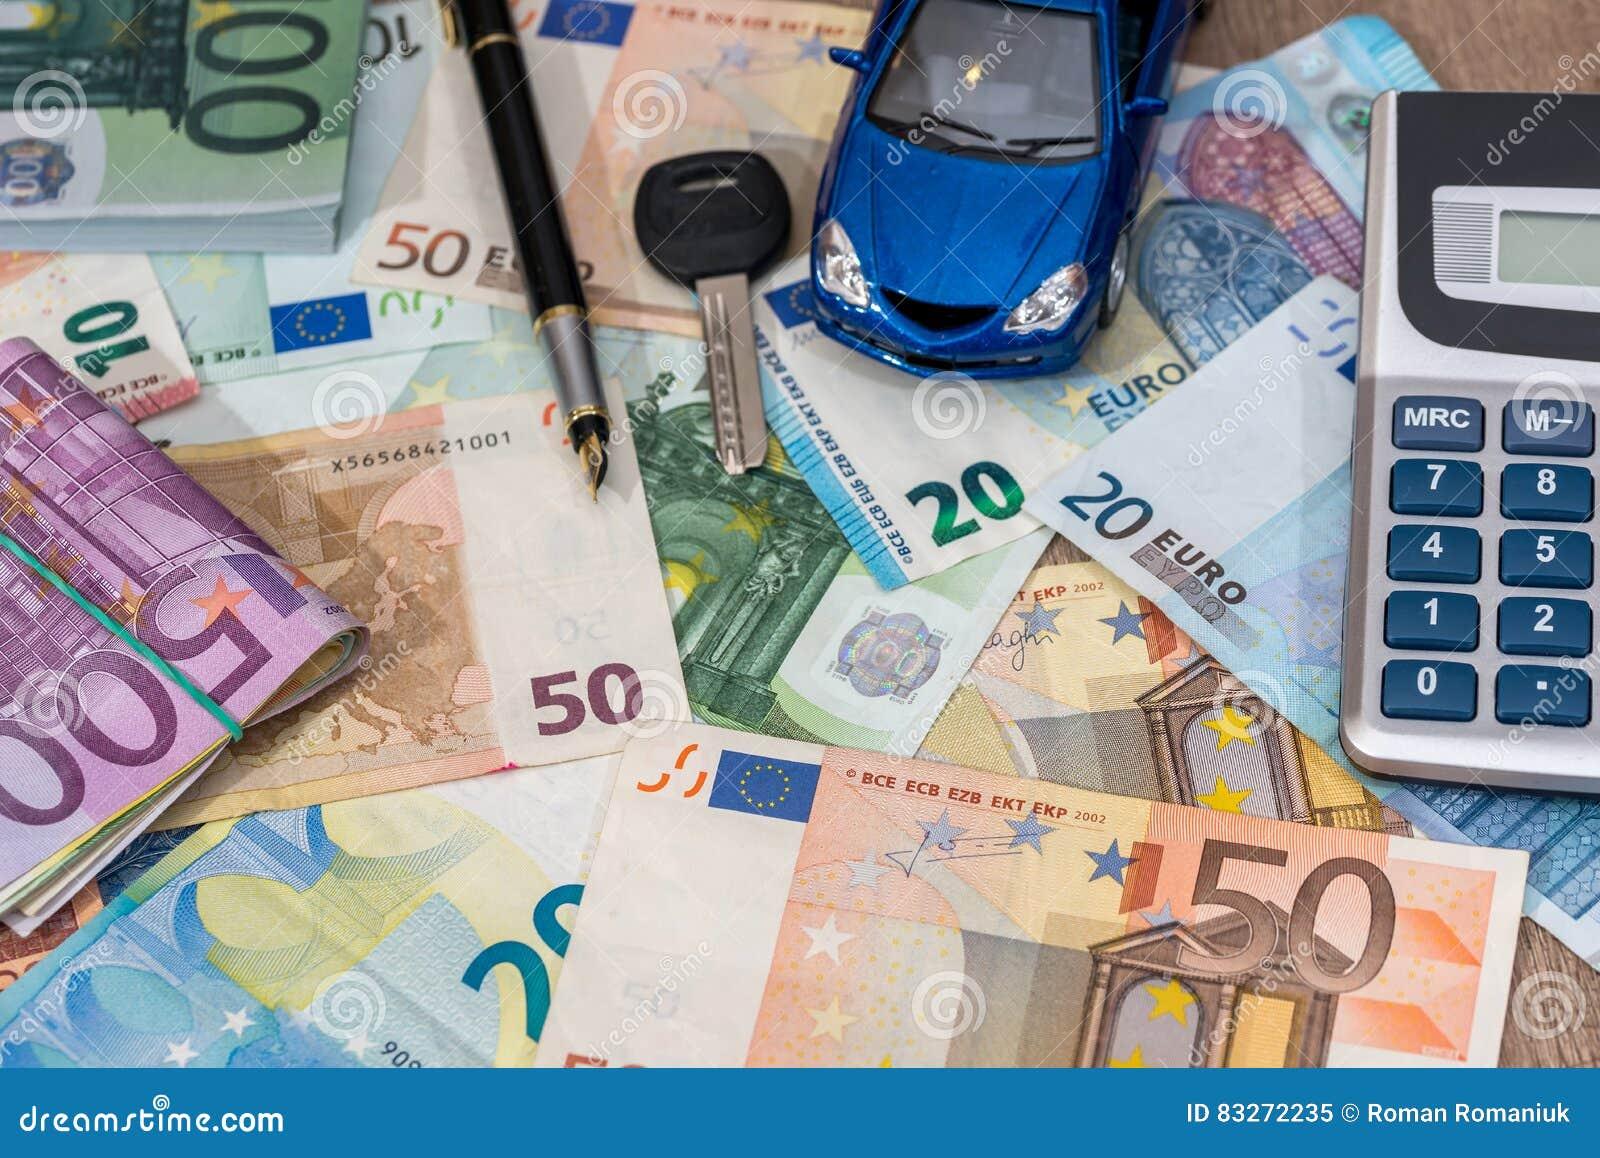 Jouet Billets Bleue De Voiture D'euro Avec BanqueCalculatrice wON80nkPX